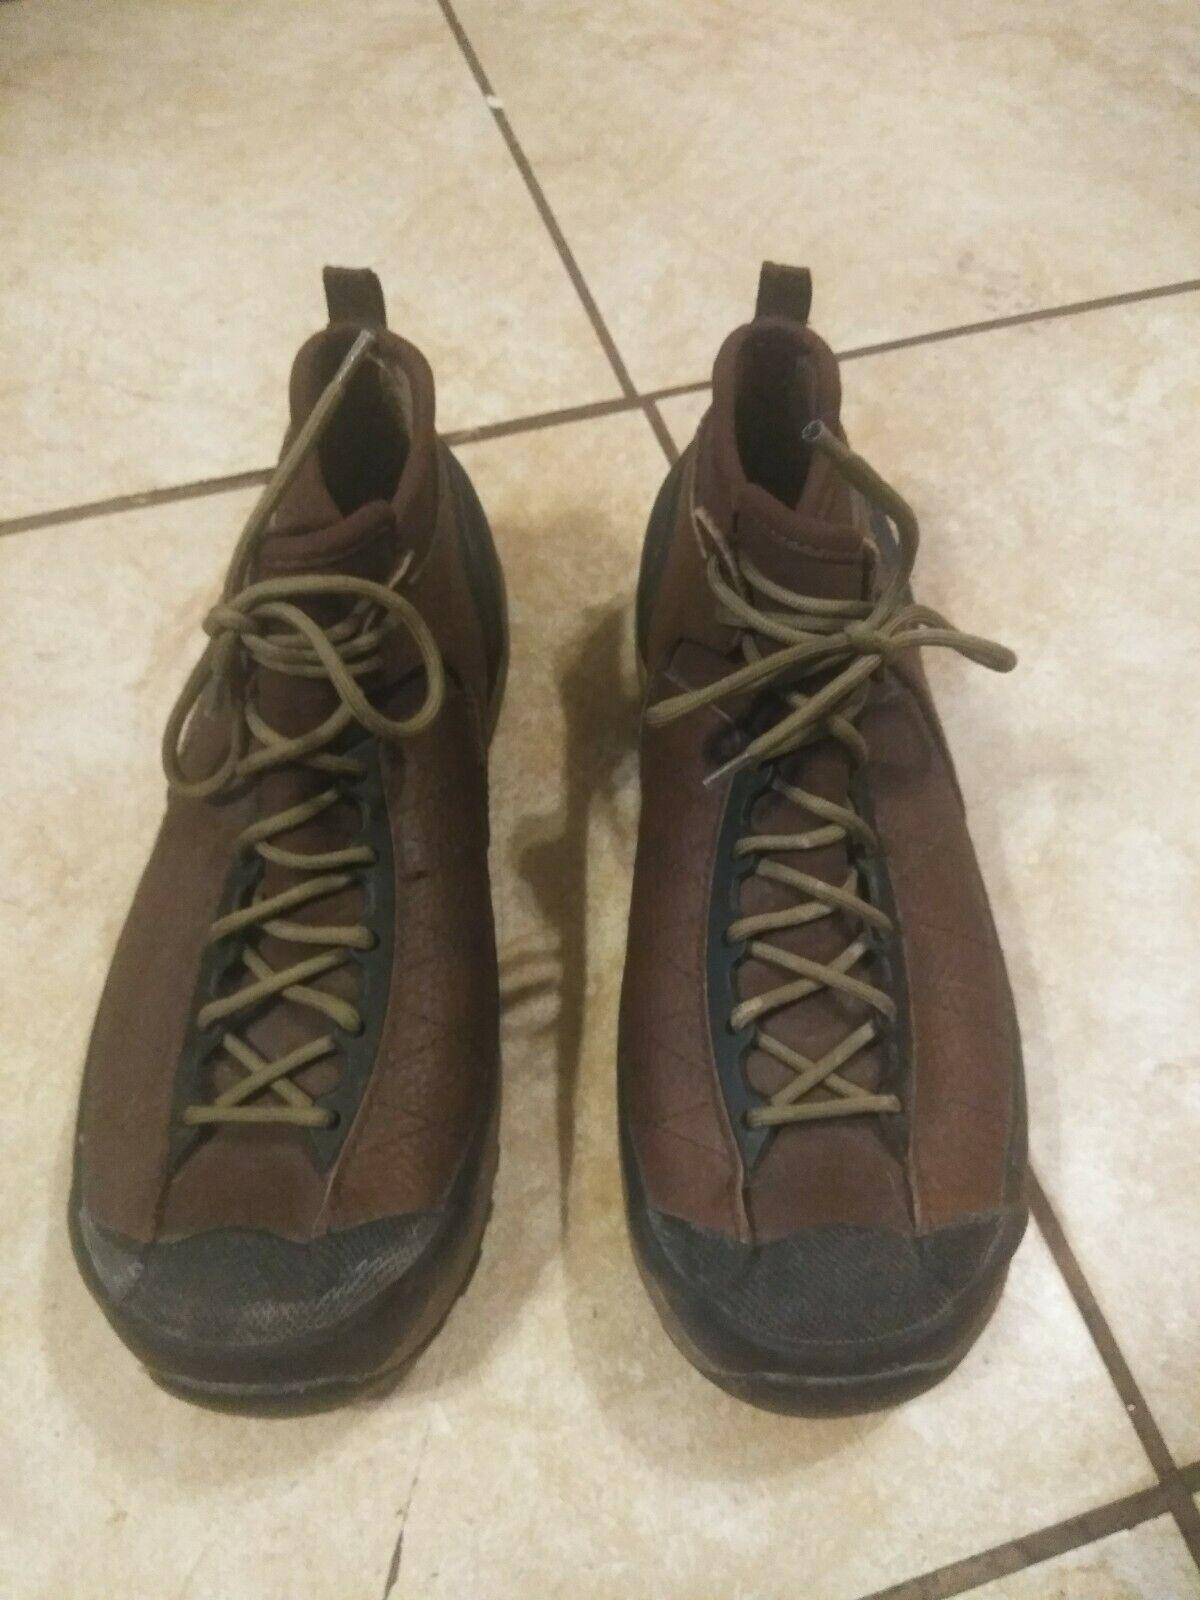 BOGS Jamis marrón de goma Tobillo botas Para Hombres Impermeable Marrón Con Cordones 12, Muy Buen Estado